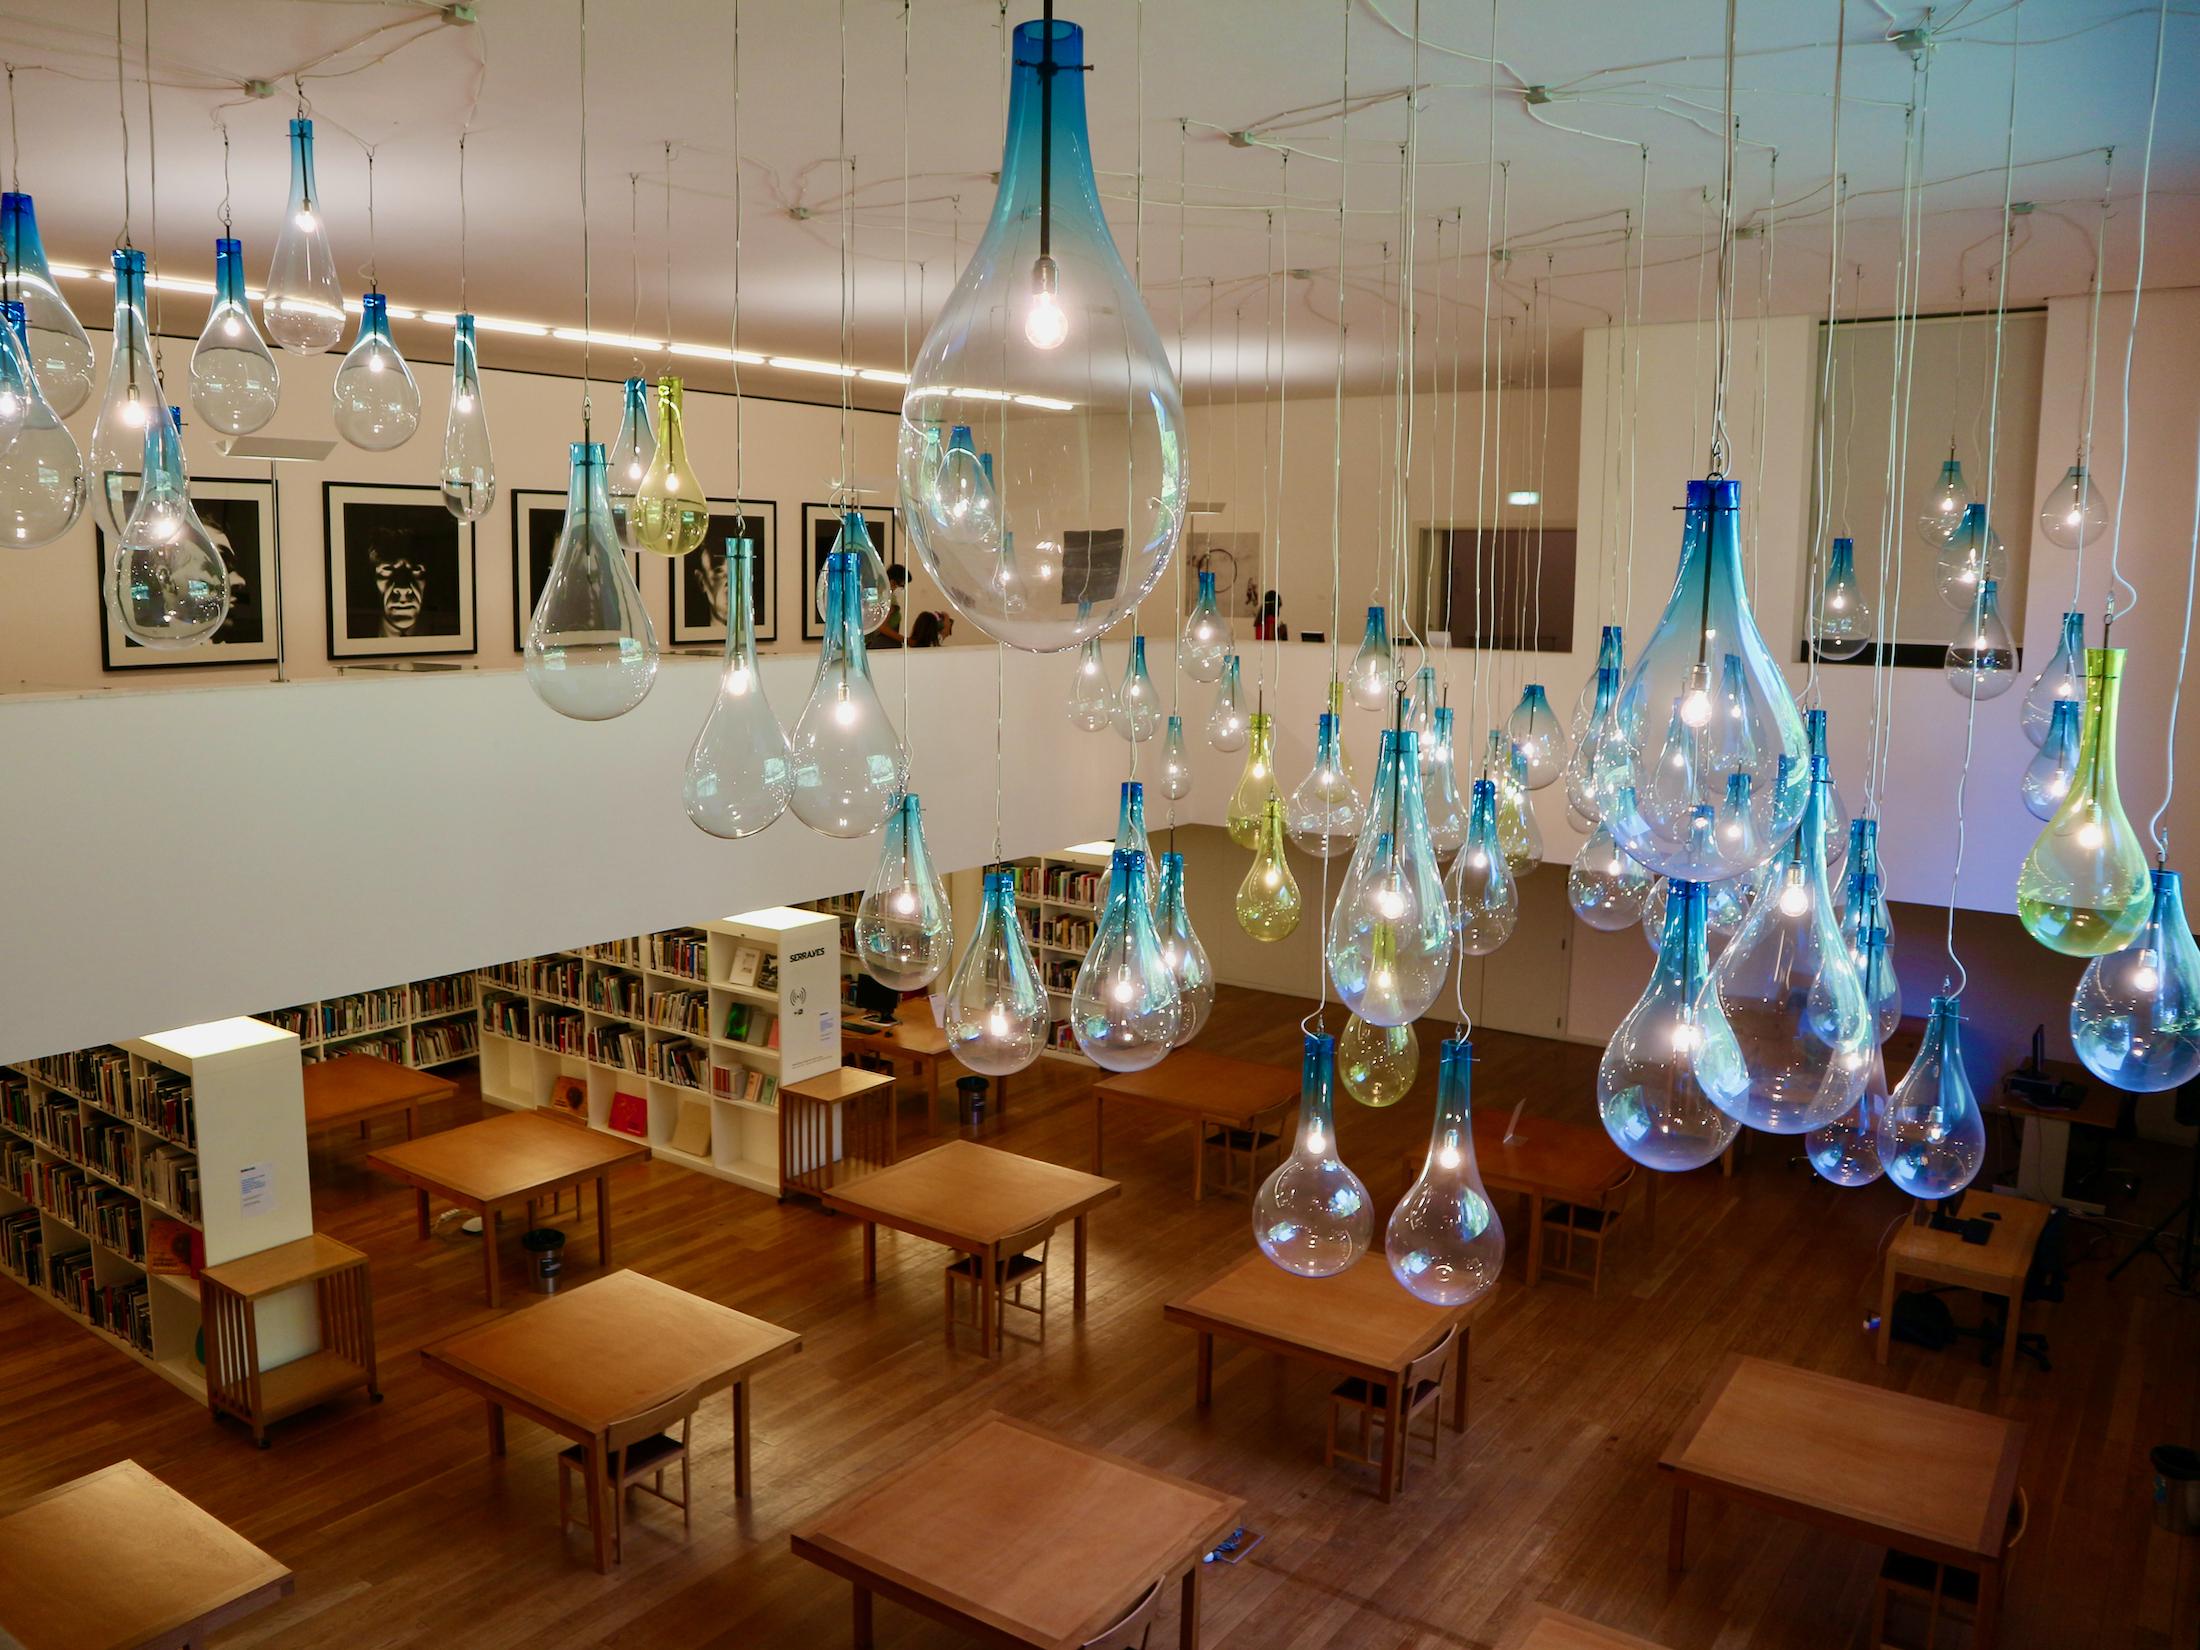 Parque de Serralves - Bibliothek